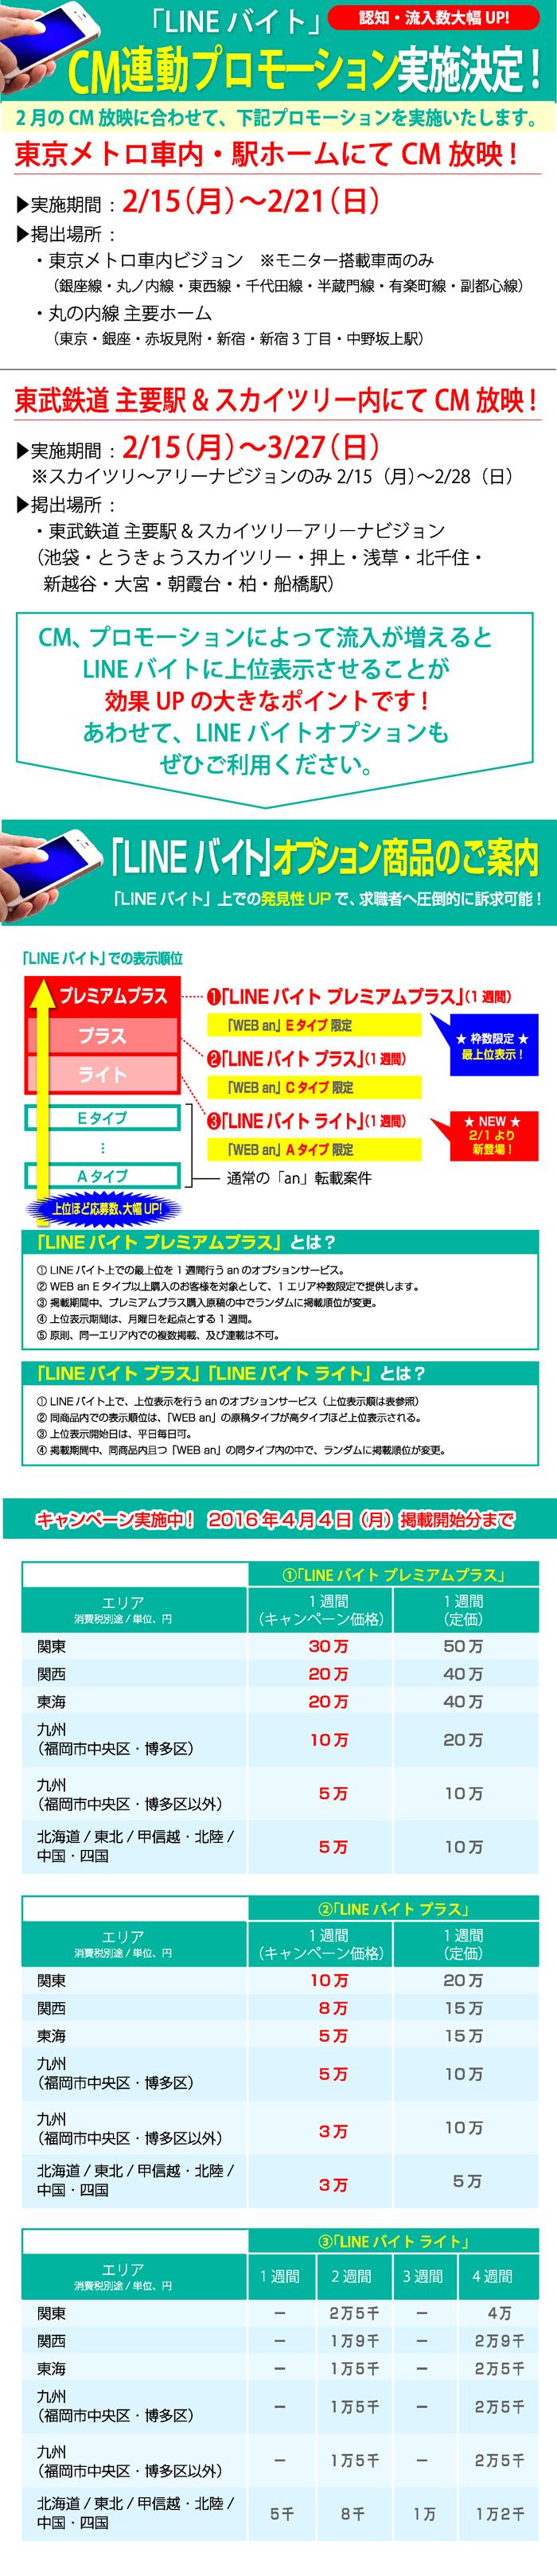 LINEバイトプロモーション-01